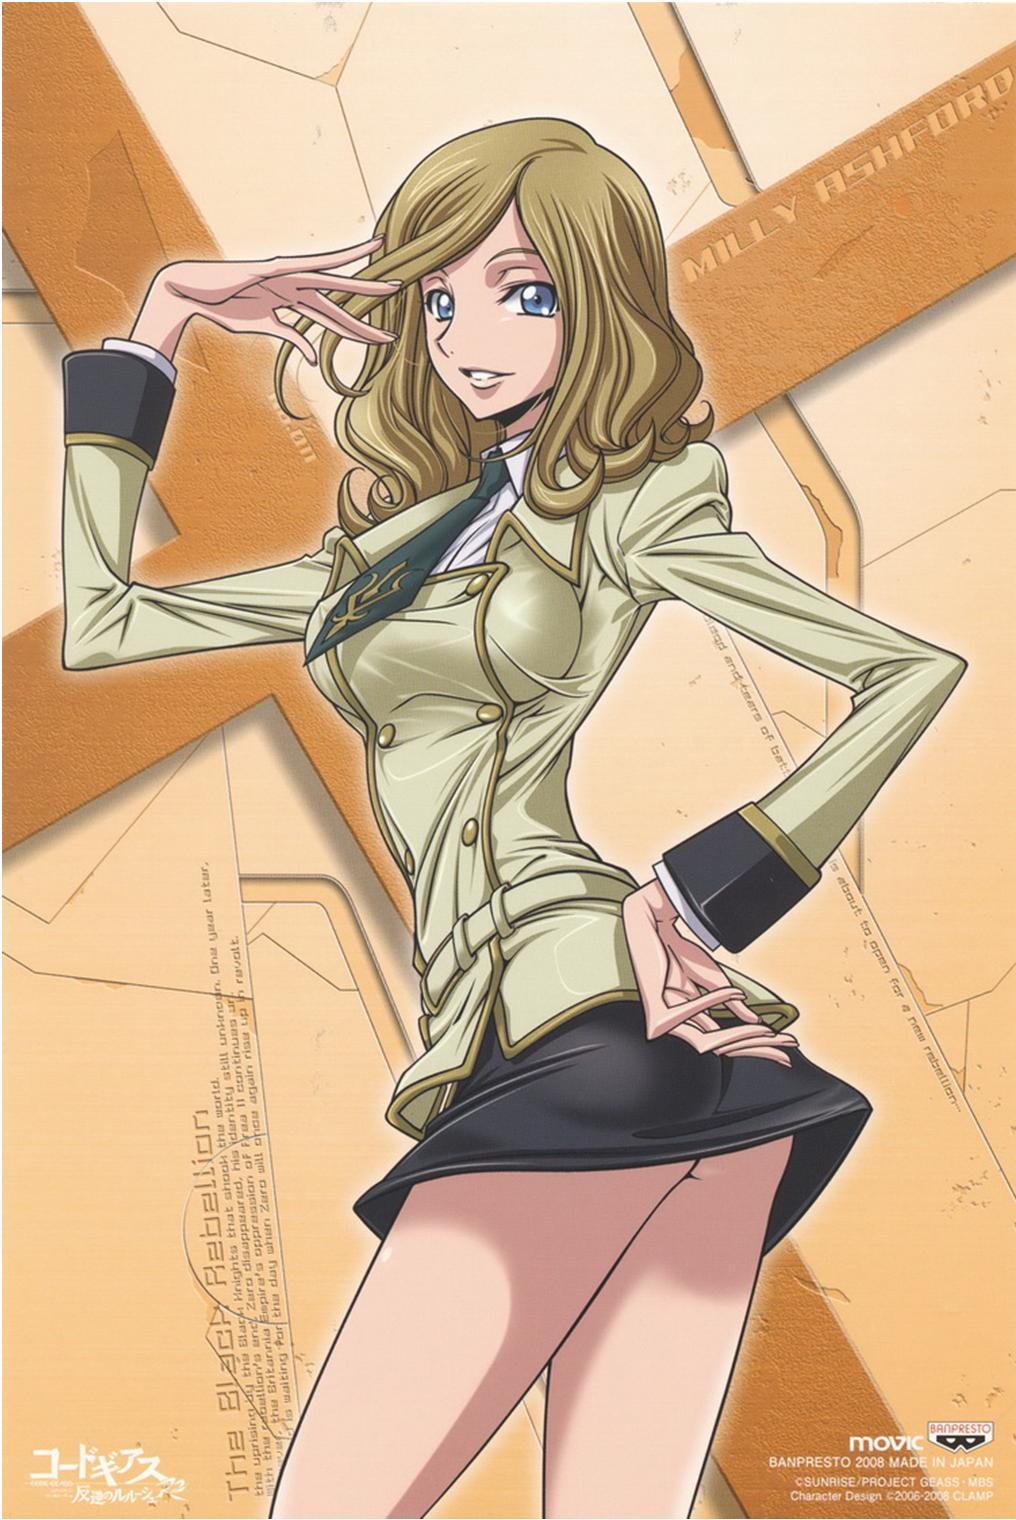 Inspector gadget and naruto cartoon porn scenes - 1 2